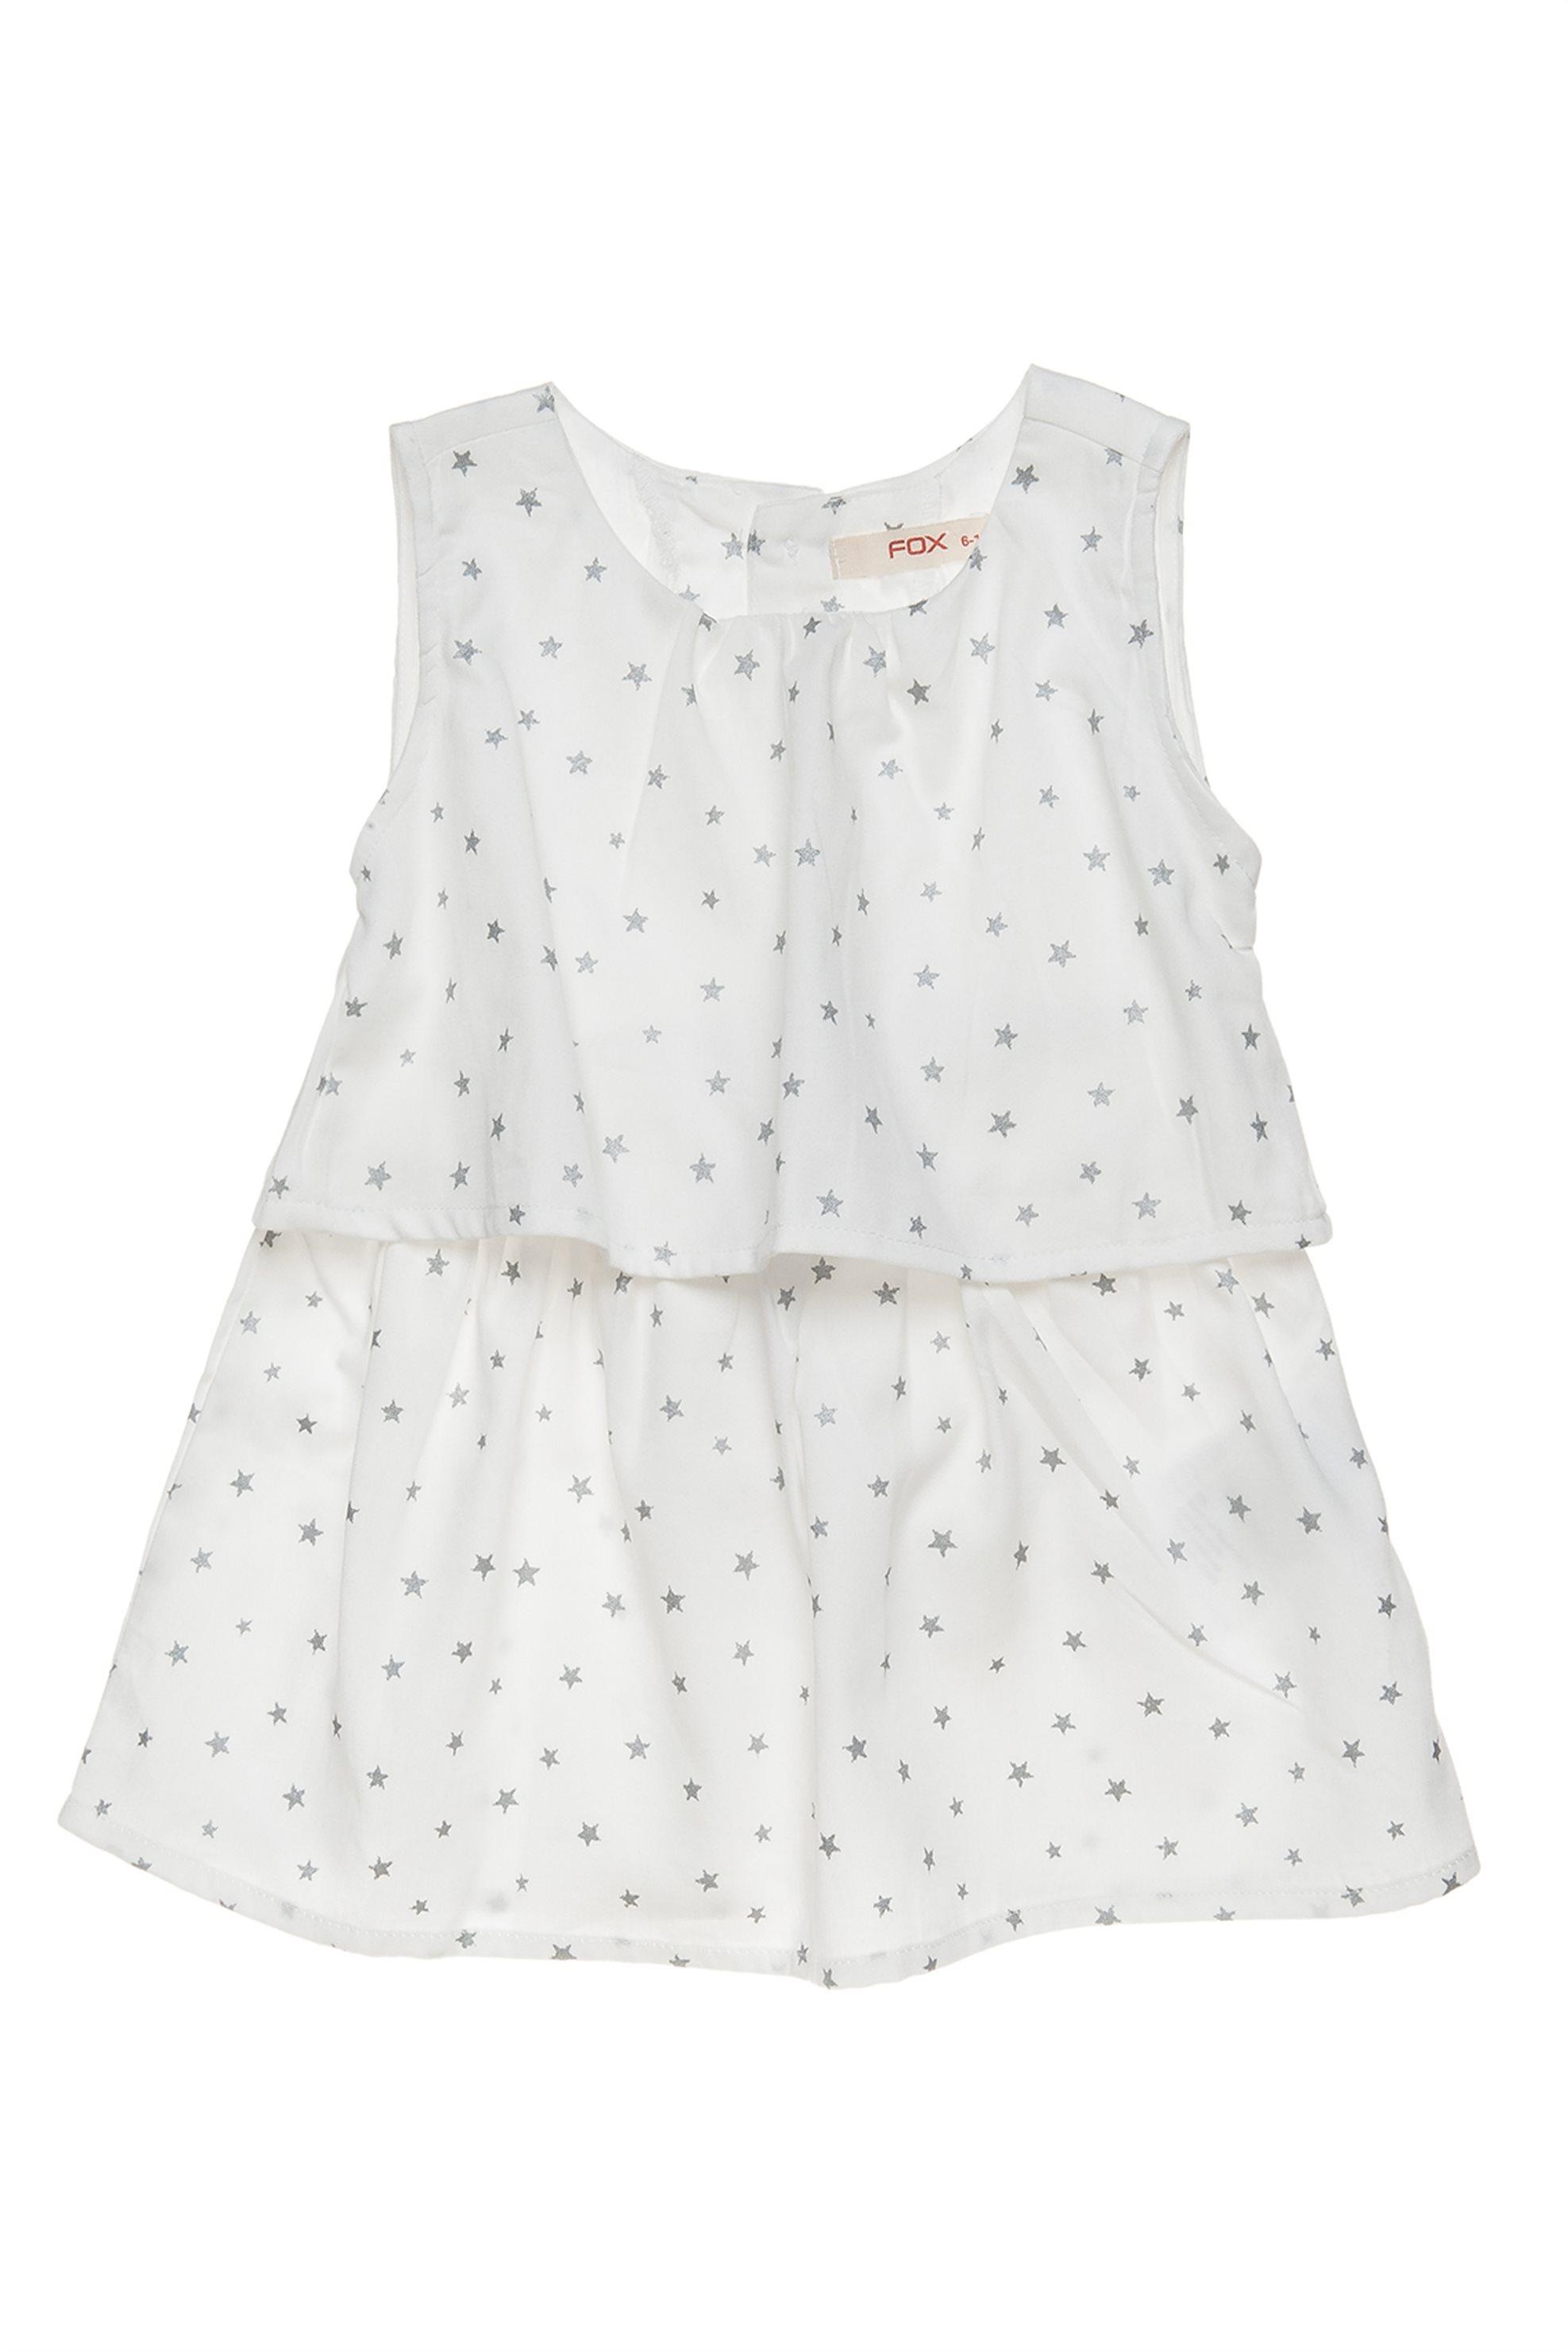 Βρεφικό φόρεμα αμάνικο με print Alouette - 00241266 - Λευκό παιδι   βρεφικα κοριτσι   0 3 ετων   ρούχα   φορέματα   φούστες